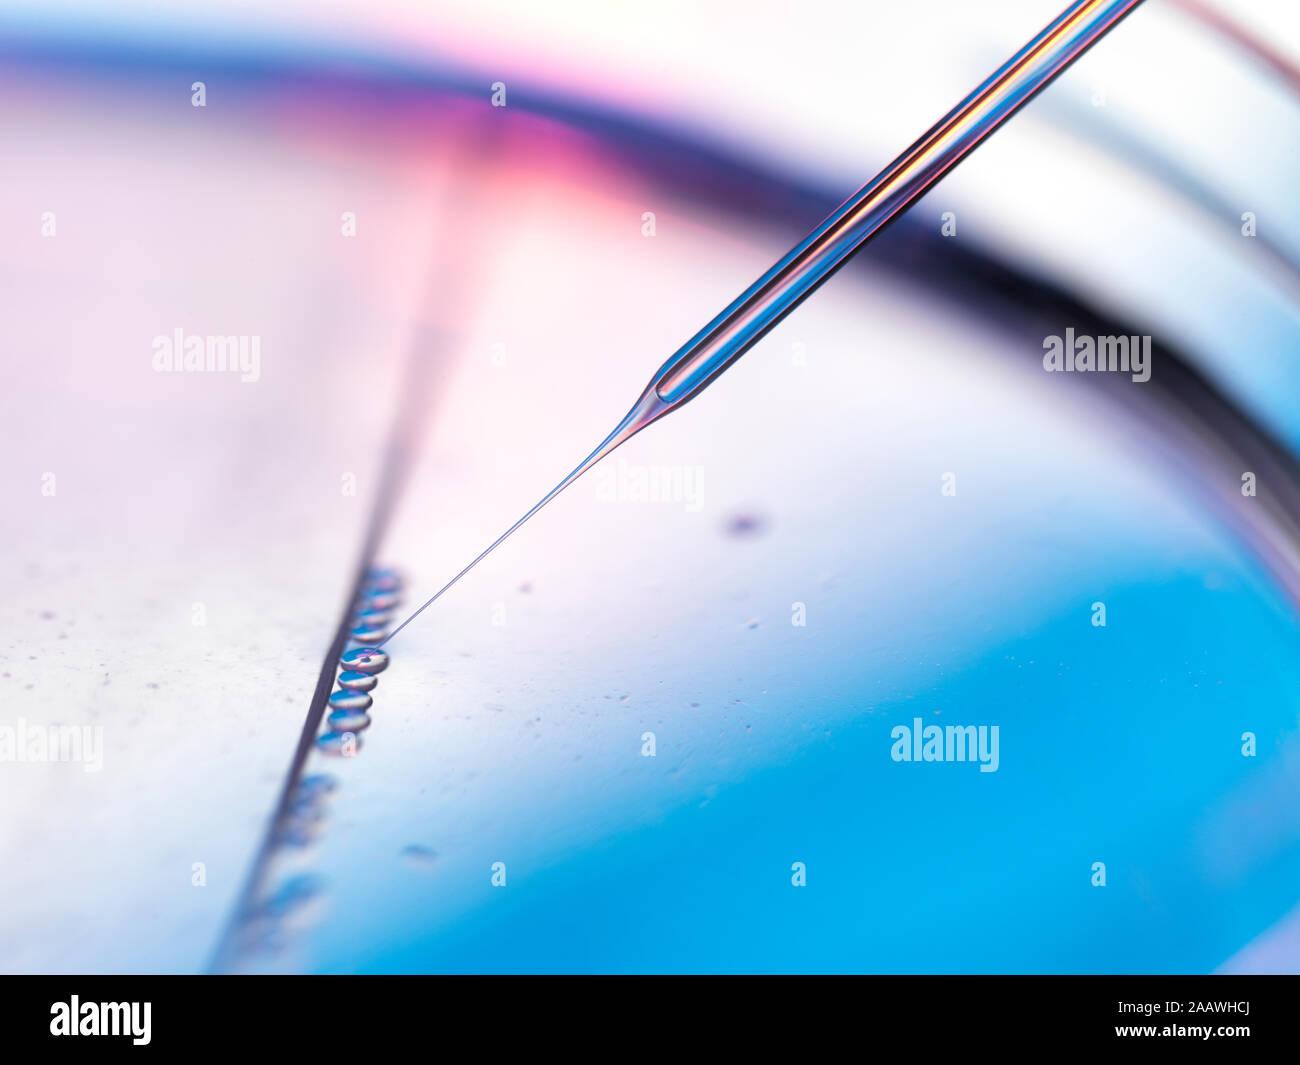 Close-up de muestras en placas petri de pipeteado de experimento en laboratorio de células madre Foto de stock